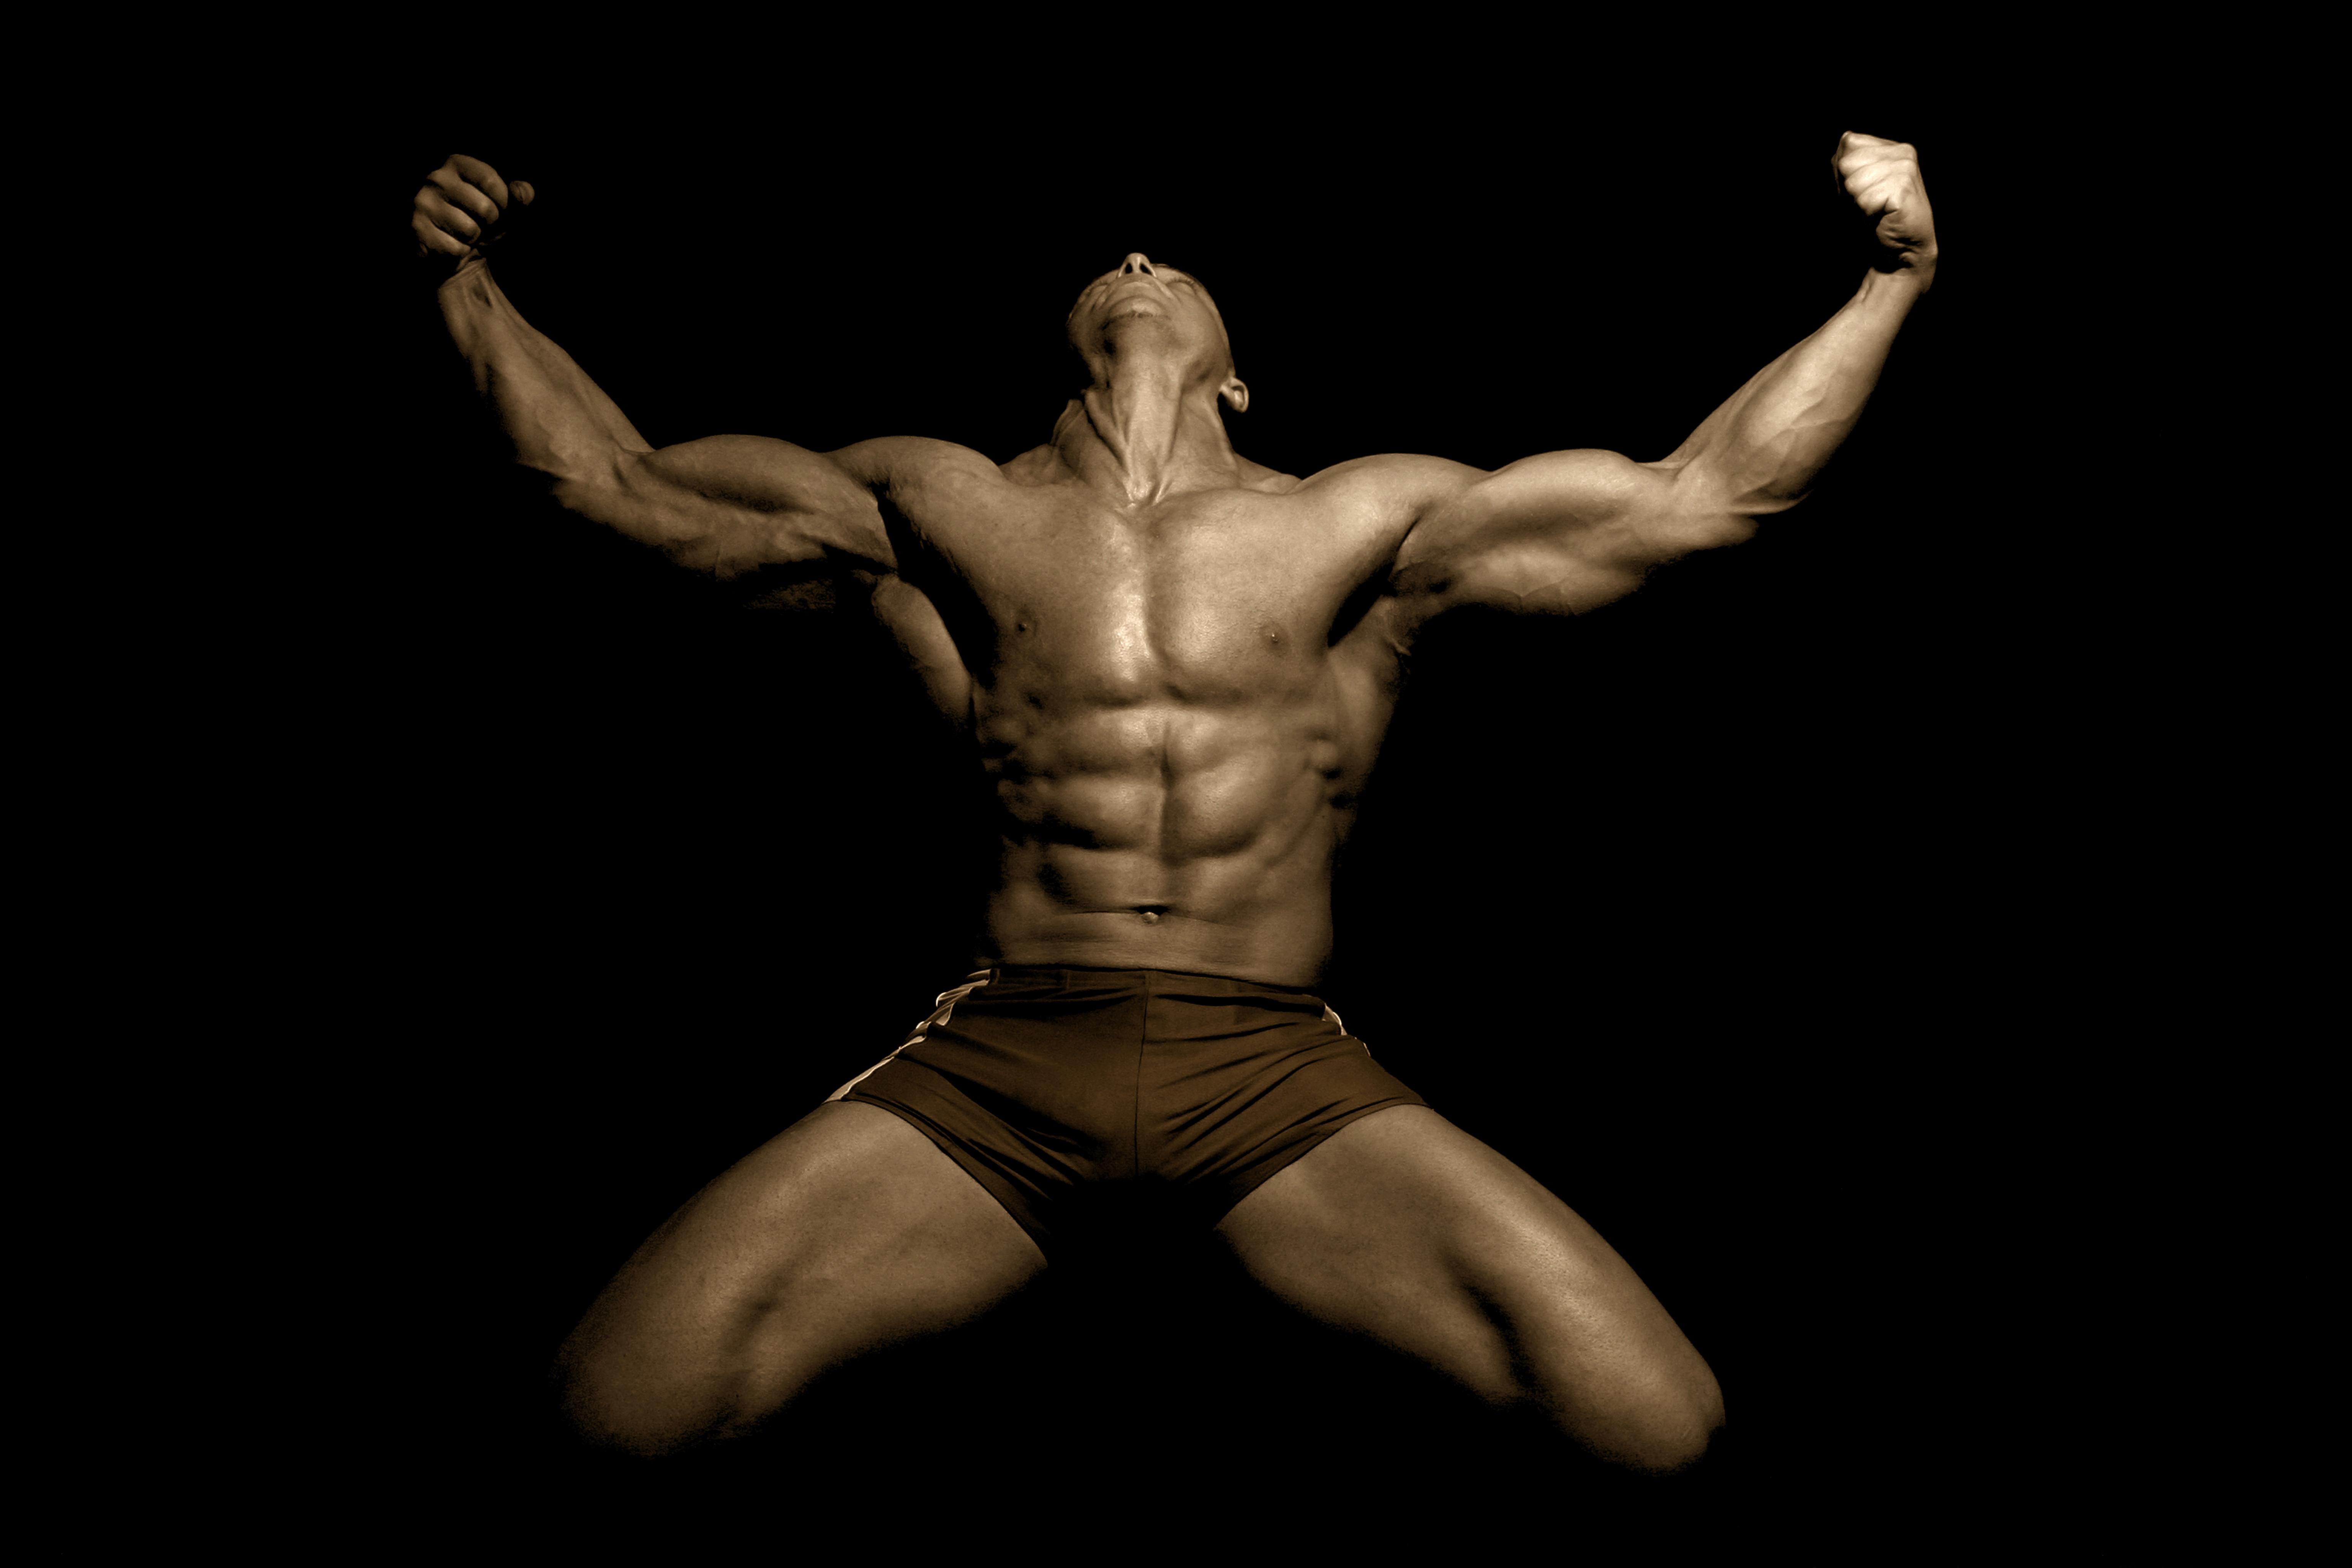 Entrenamientos para fortalecer los músculos del pecho